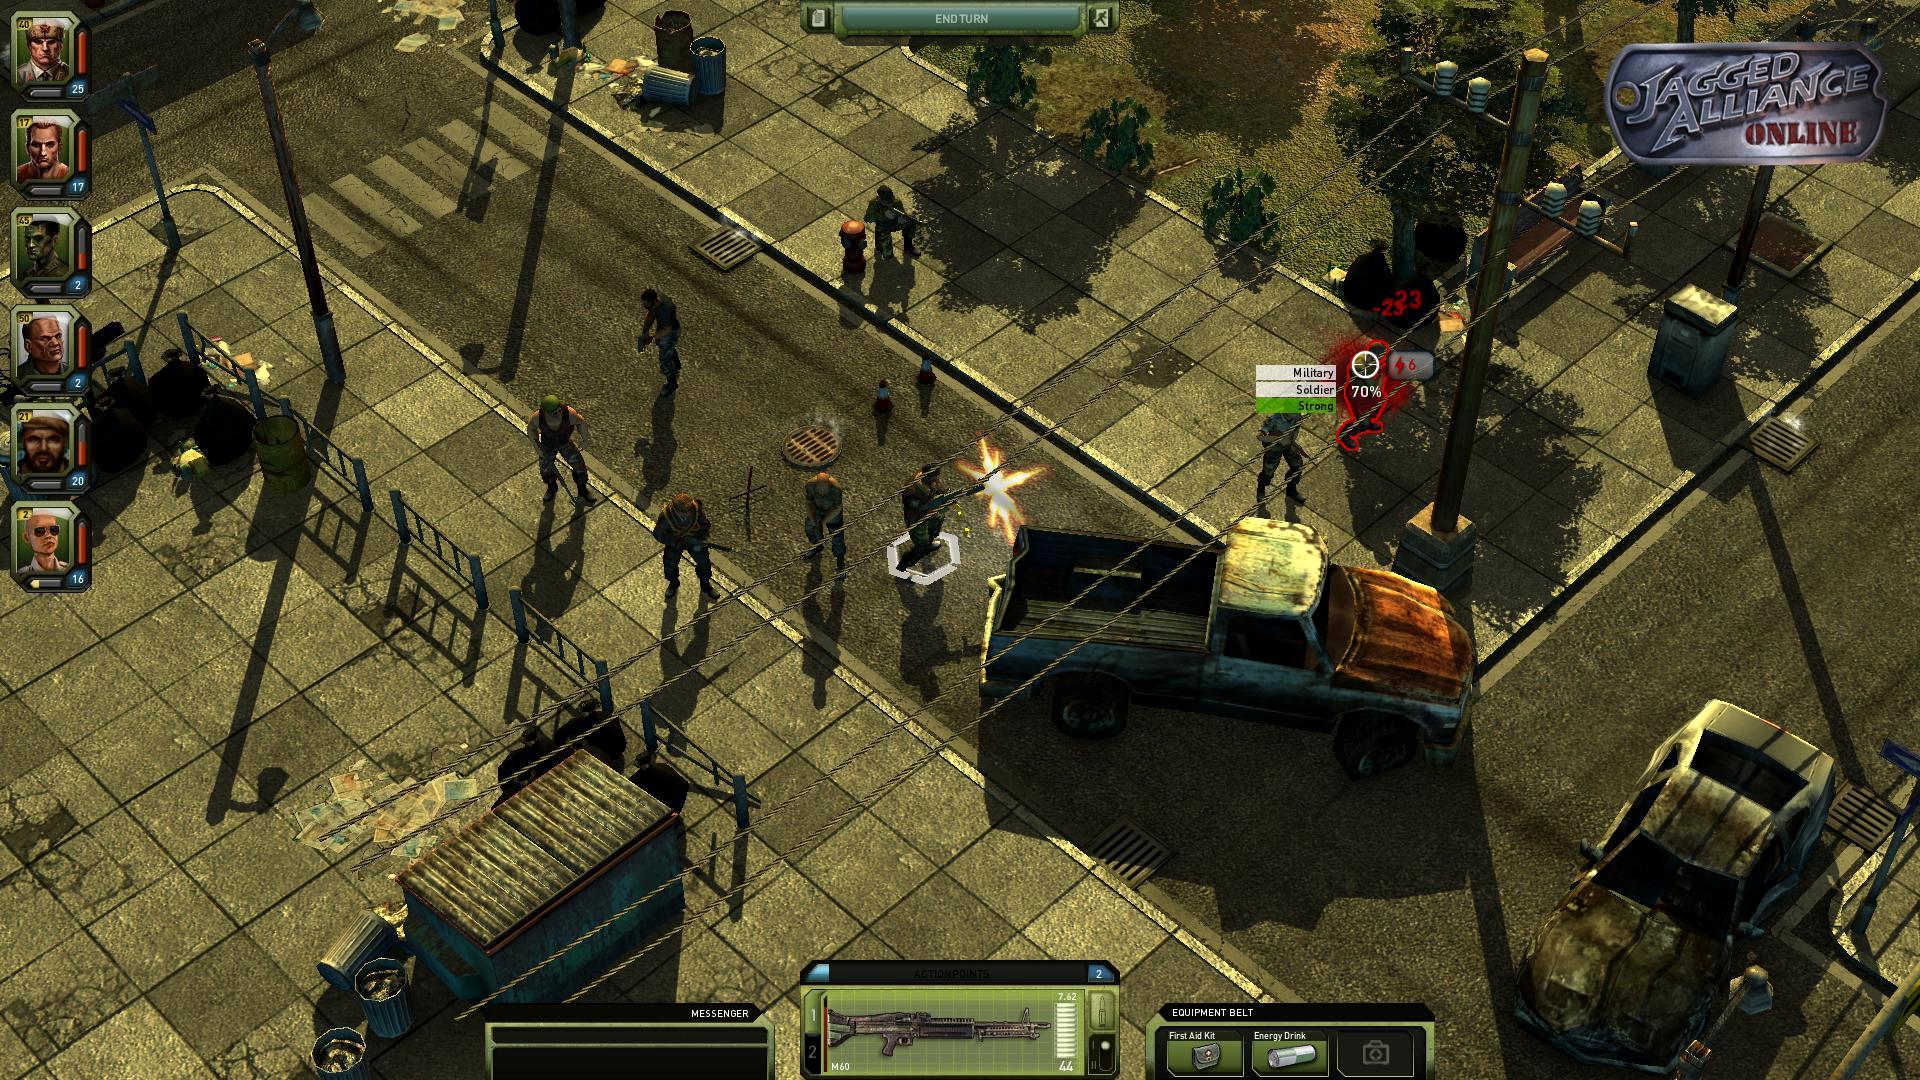 Klicke auf die Grafik für eine größere AnsichtName:04 JAO Shot Streetfight 2.jpgHits:33Größe:1,26 MBID:5601